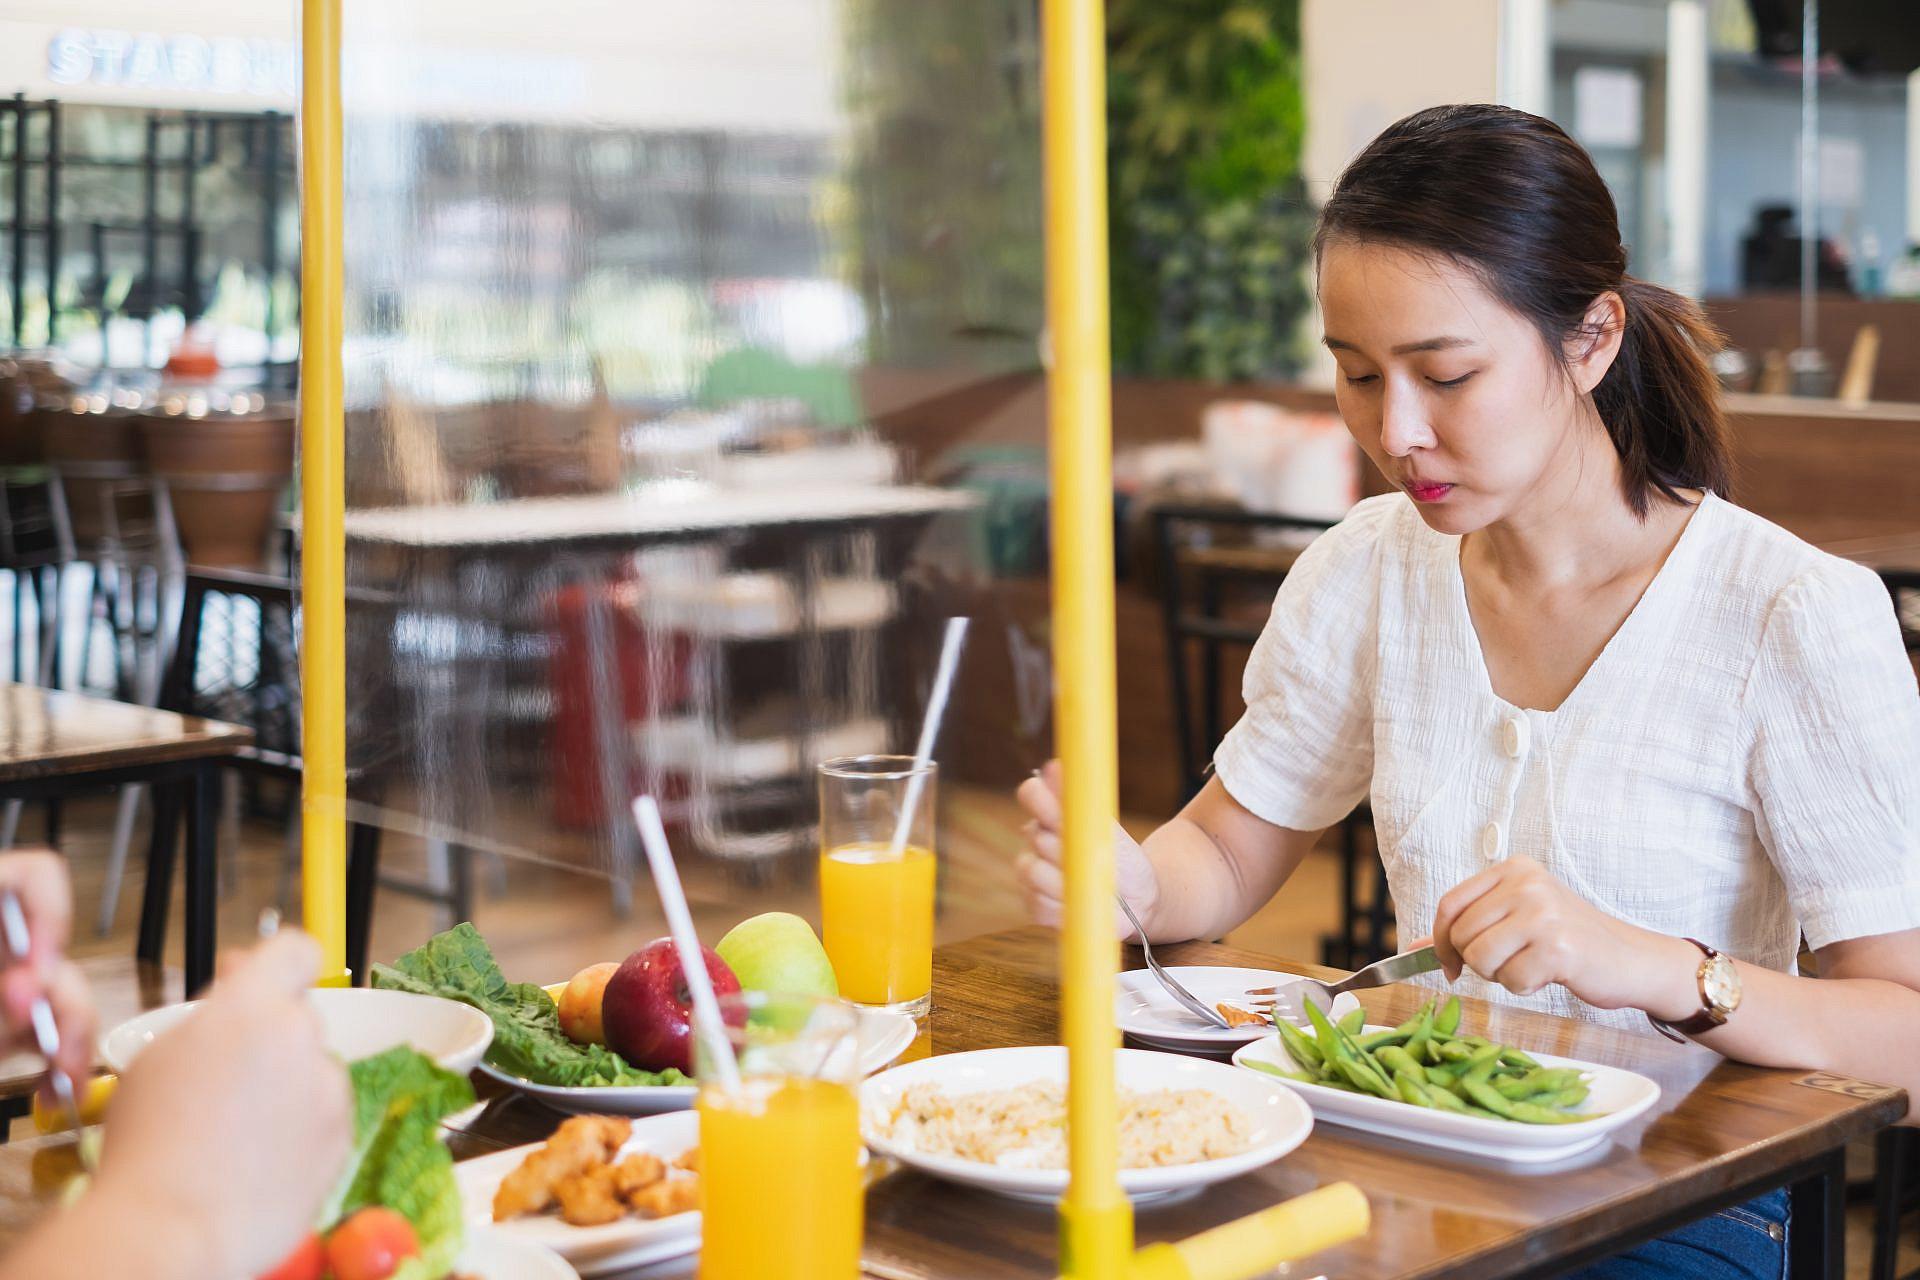 שימו אותנו באקווריום וזהו. ריחוק חברתי במסעדות (צילום: שאטרסטוק)